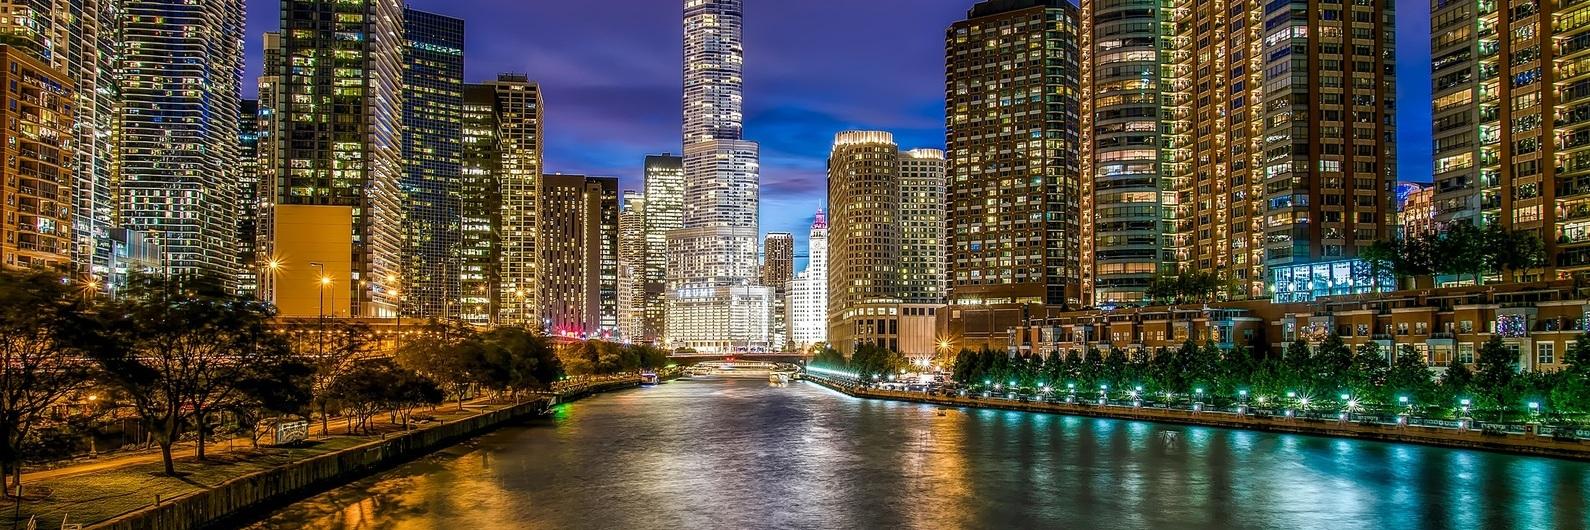 Chicago nunca dececiona! É a cidade dos festivais e de todas as coisas boas que ajudam a celebrar a vida